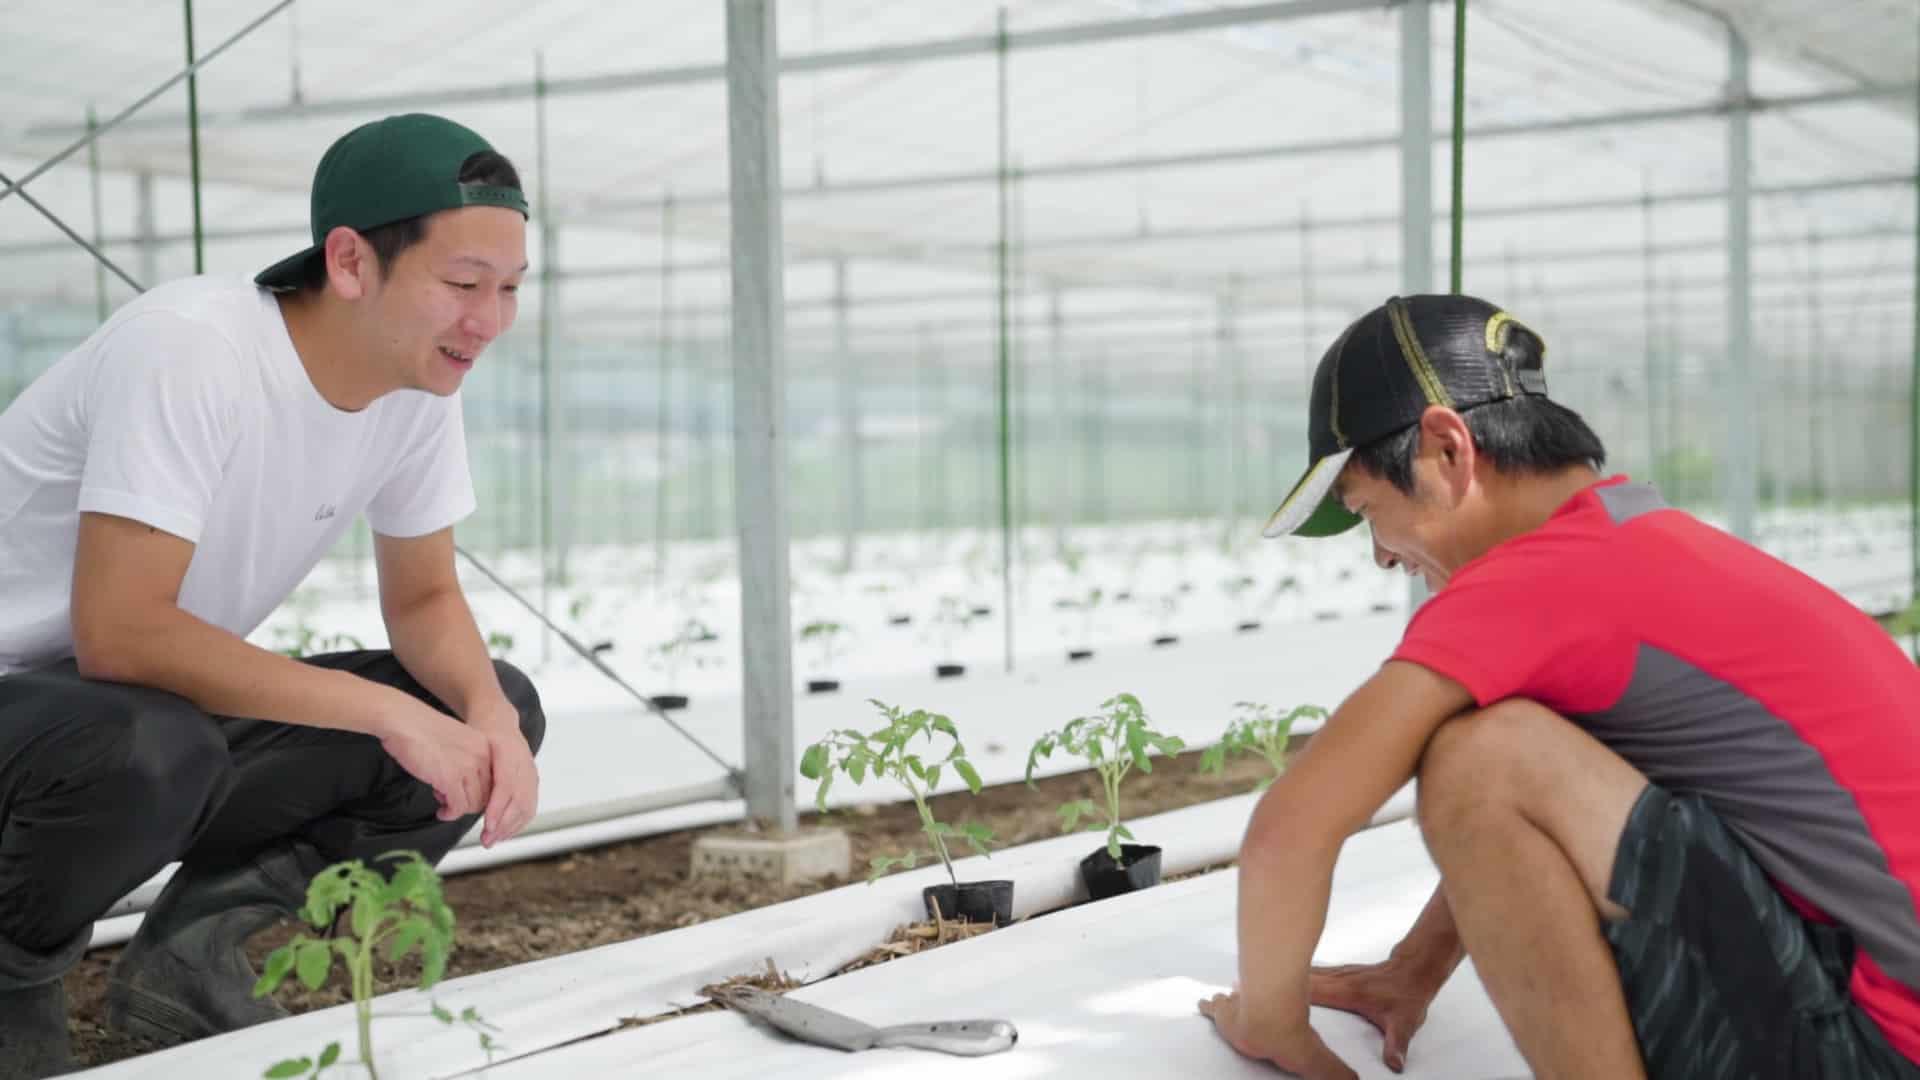 実際にトマト農家を訪れて、苗木を植える体験をしている写真